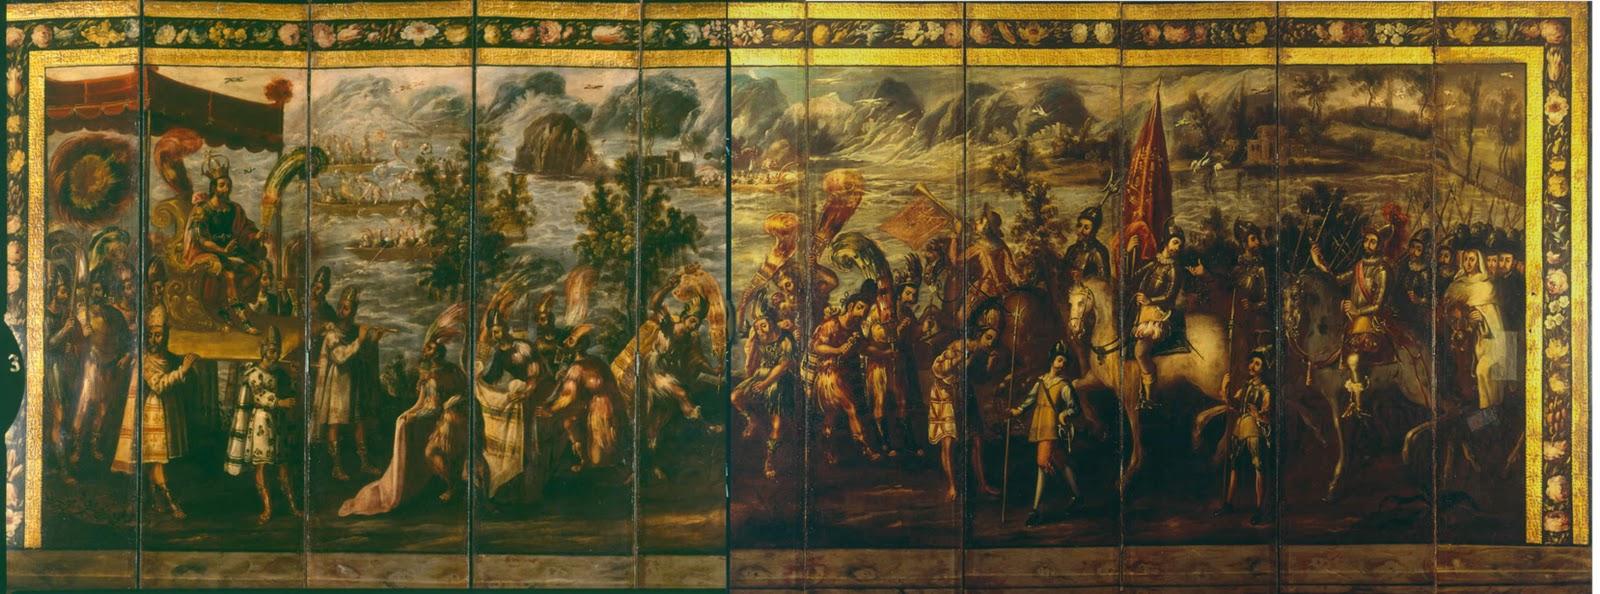 En la historioteca un historiador tras el biombo - Que es un biombo ...